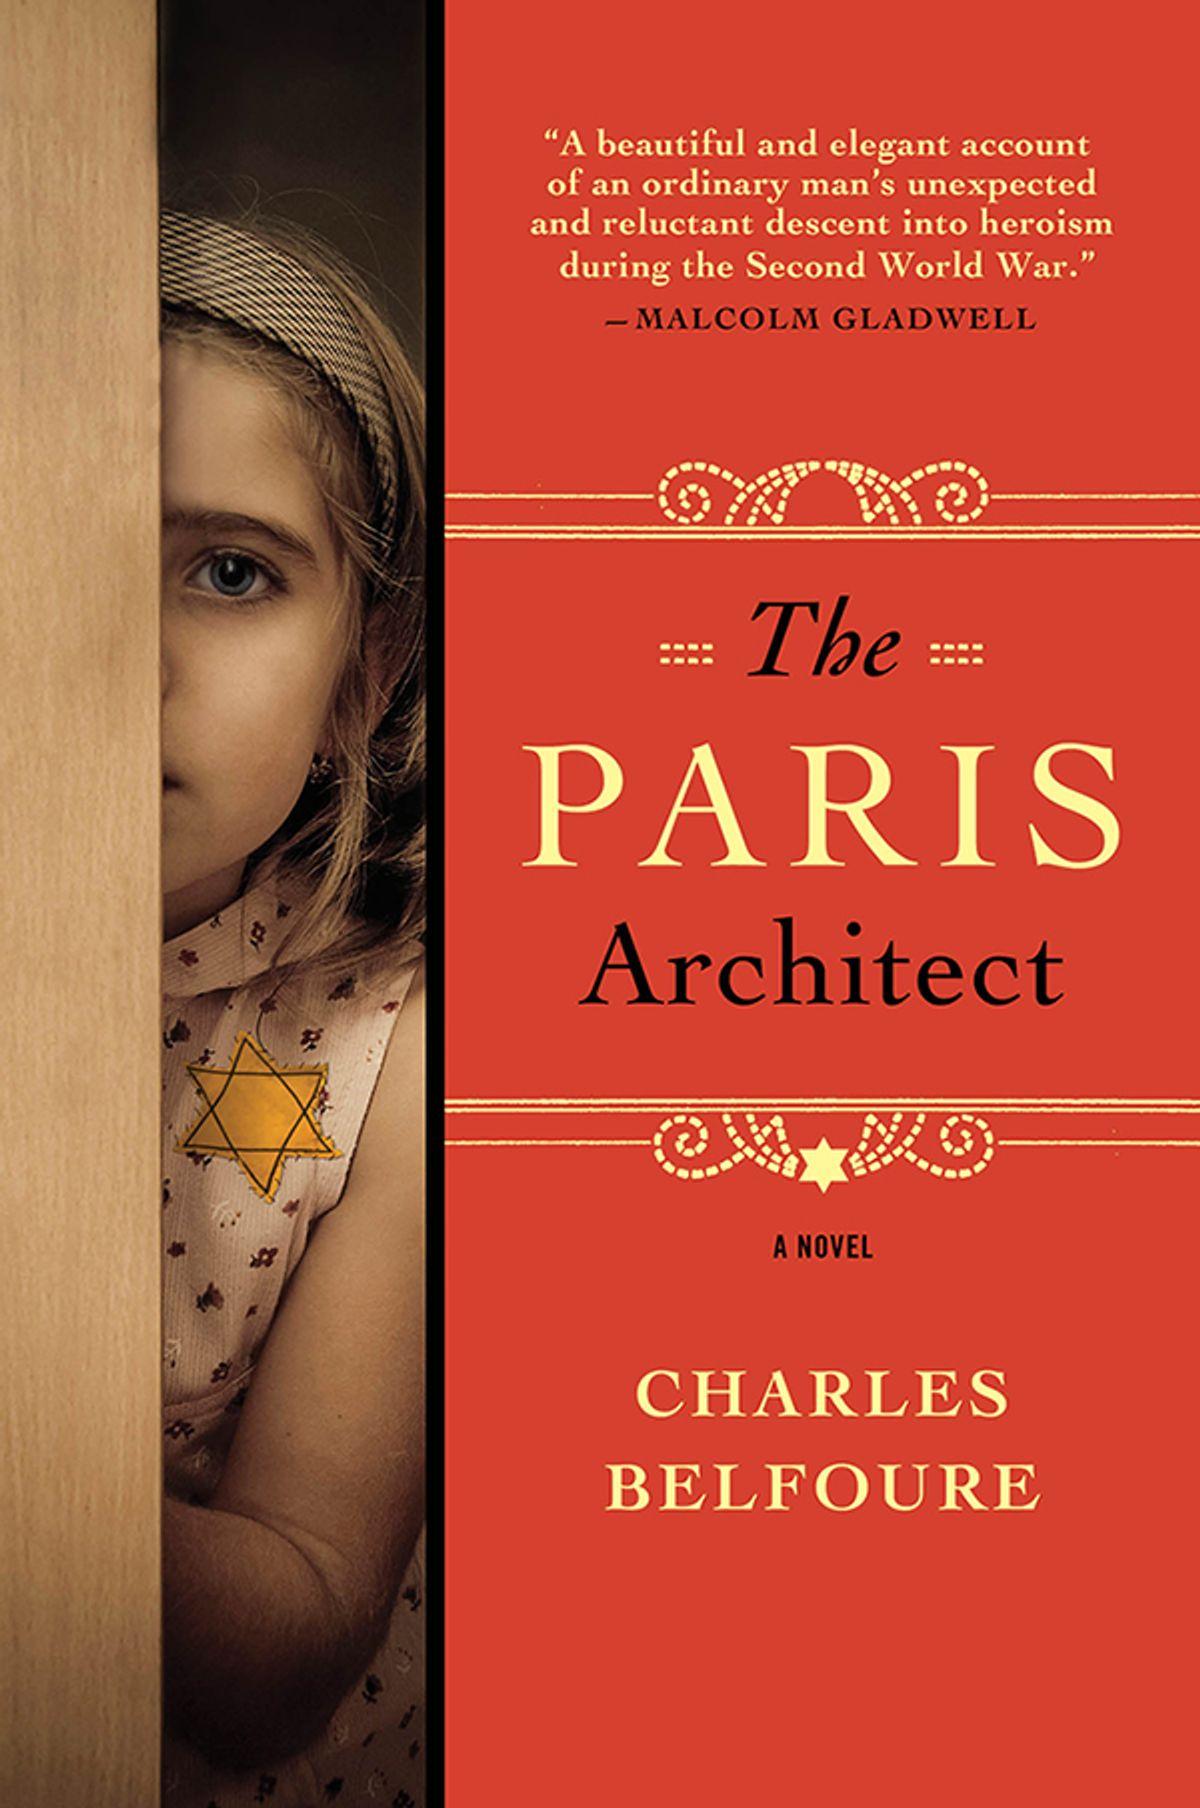 The Paris Architect